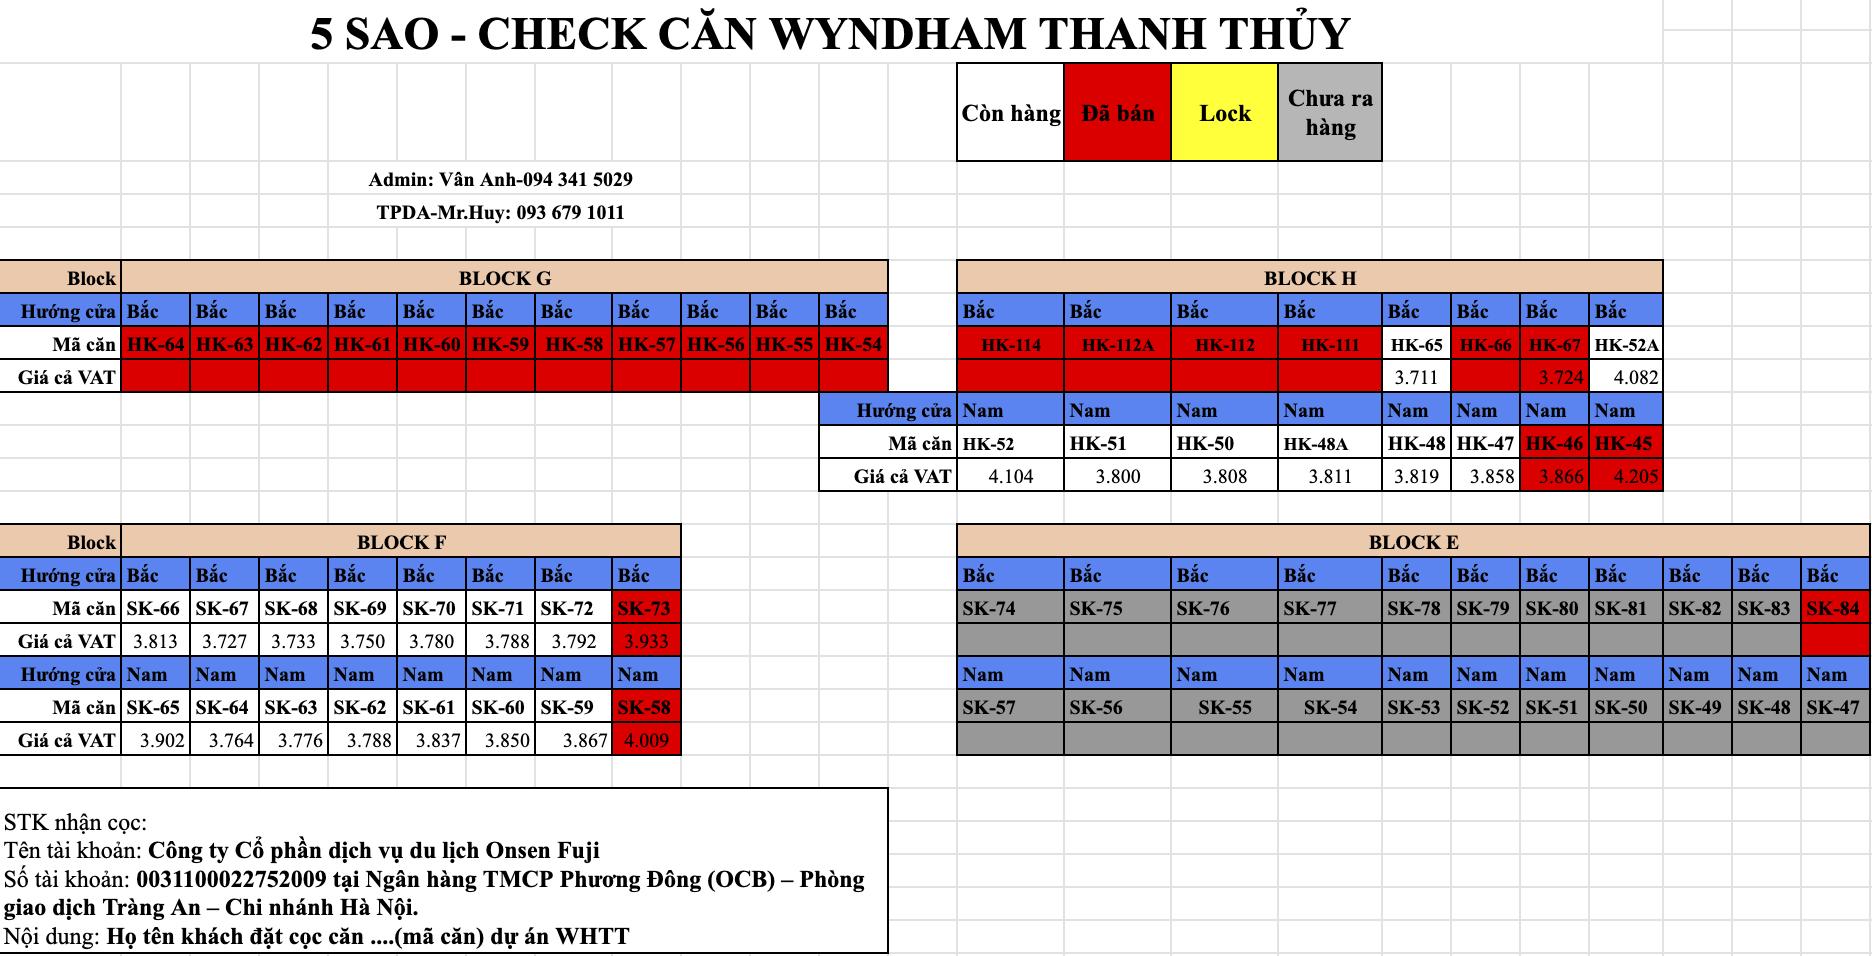 tong-hop-cac-chinh-sach-ban-hang-lien-ke-thuong-mai-wyndham-thanh-thuy